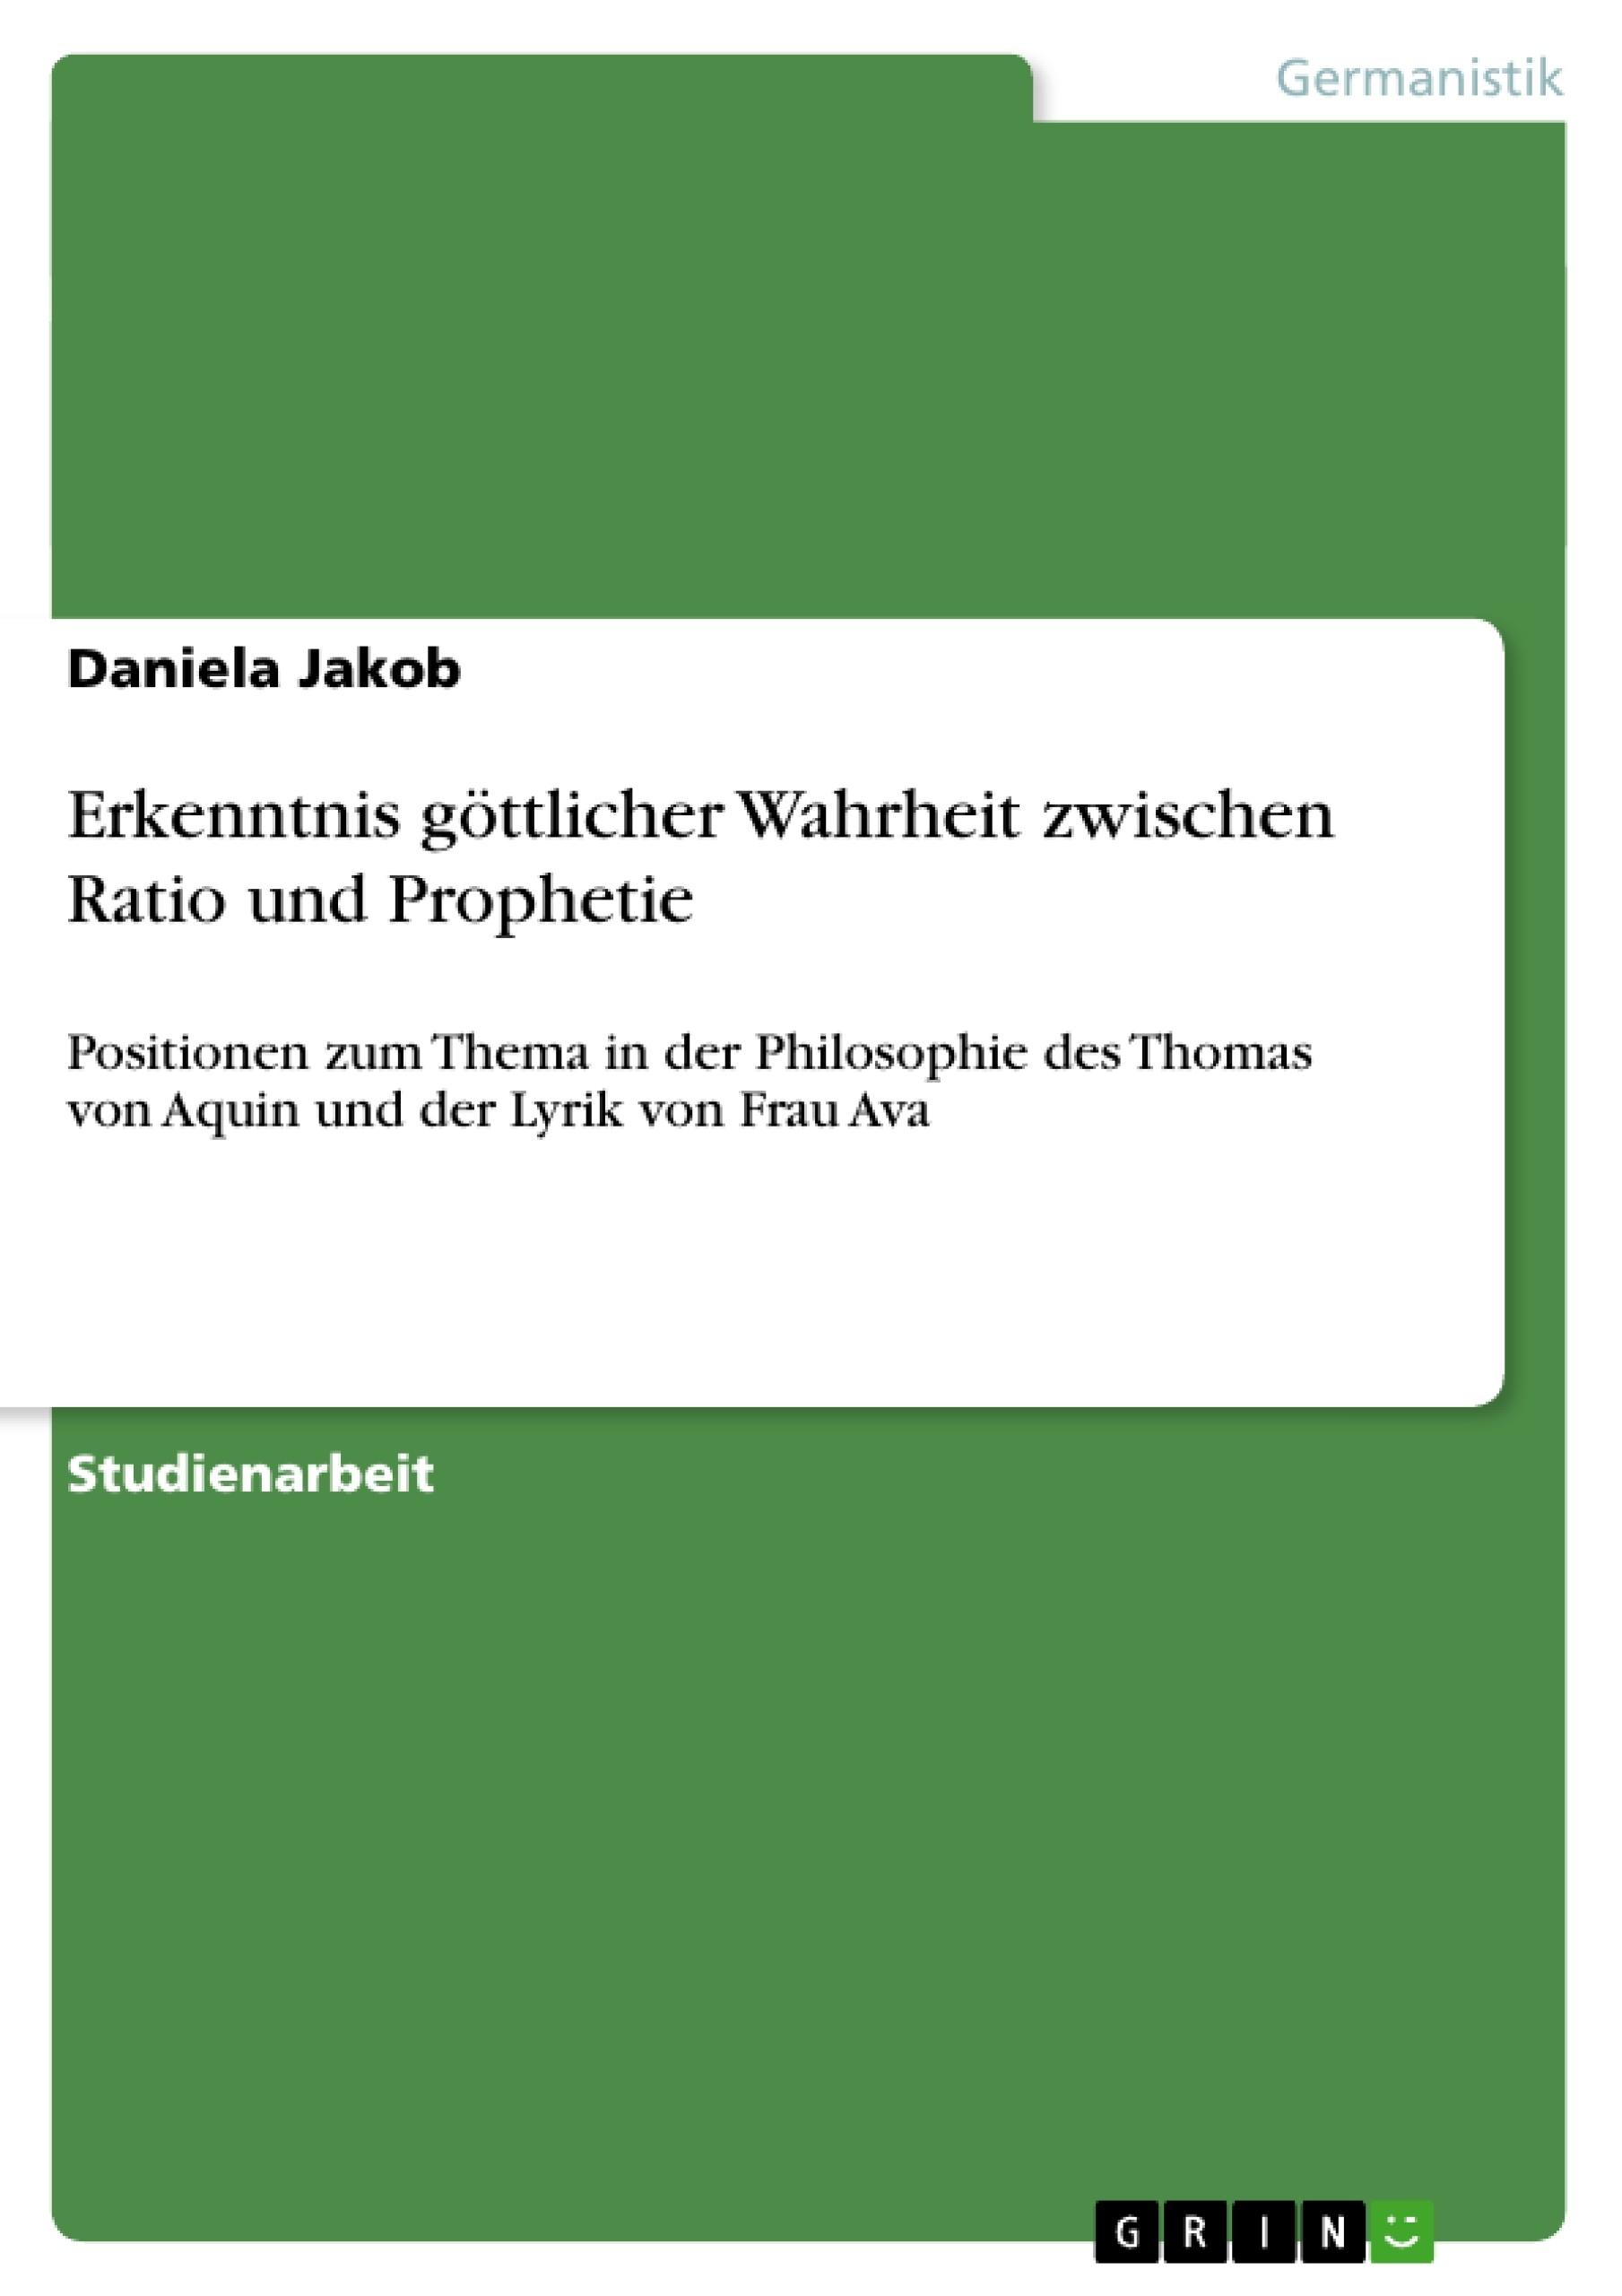 Titel: Erkenntnis göttlicher Wahrheit zwischen Ratio und Prophetie